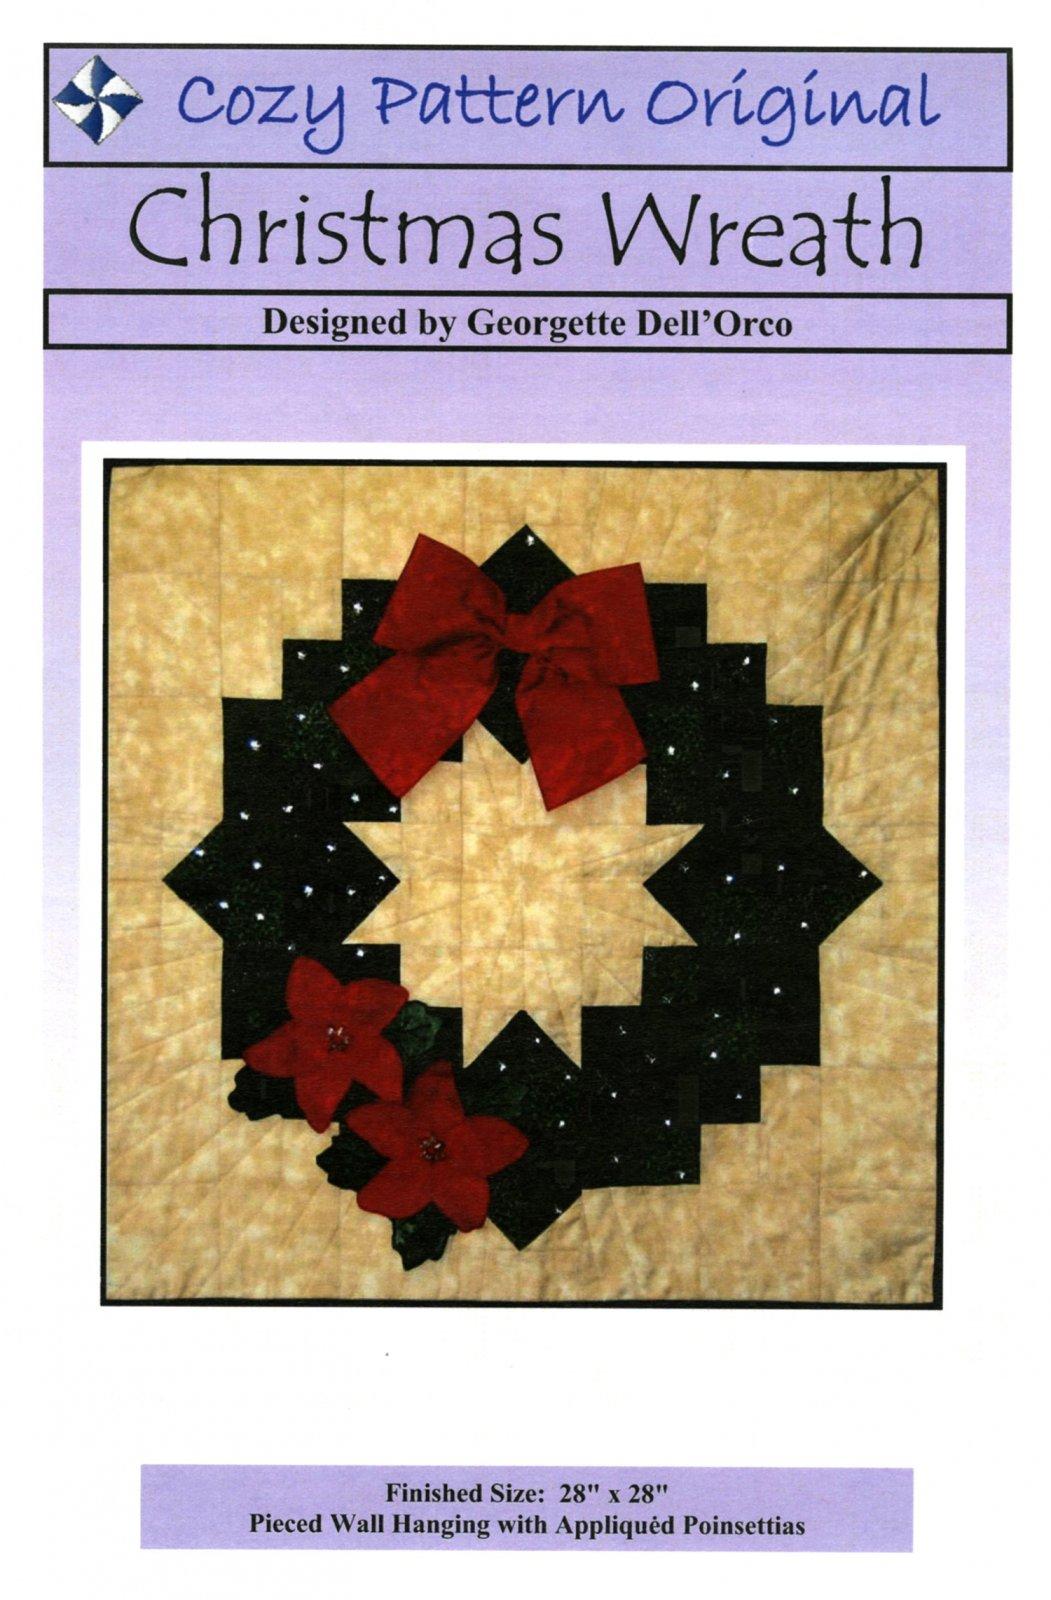 Cozy Original Christmas Wreath